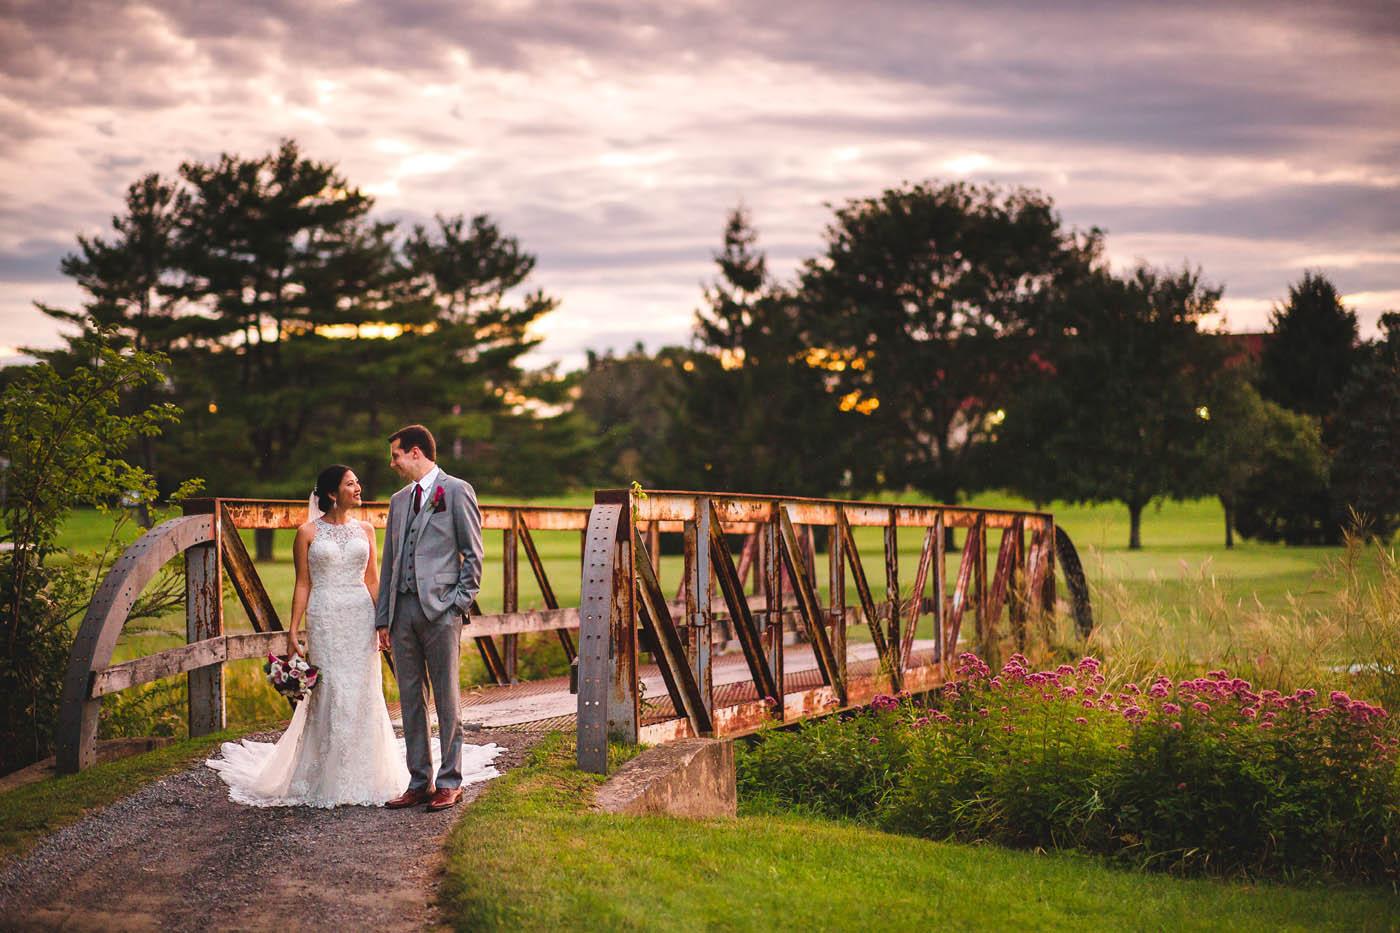 bridge photo location at The Villa